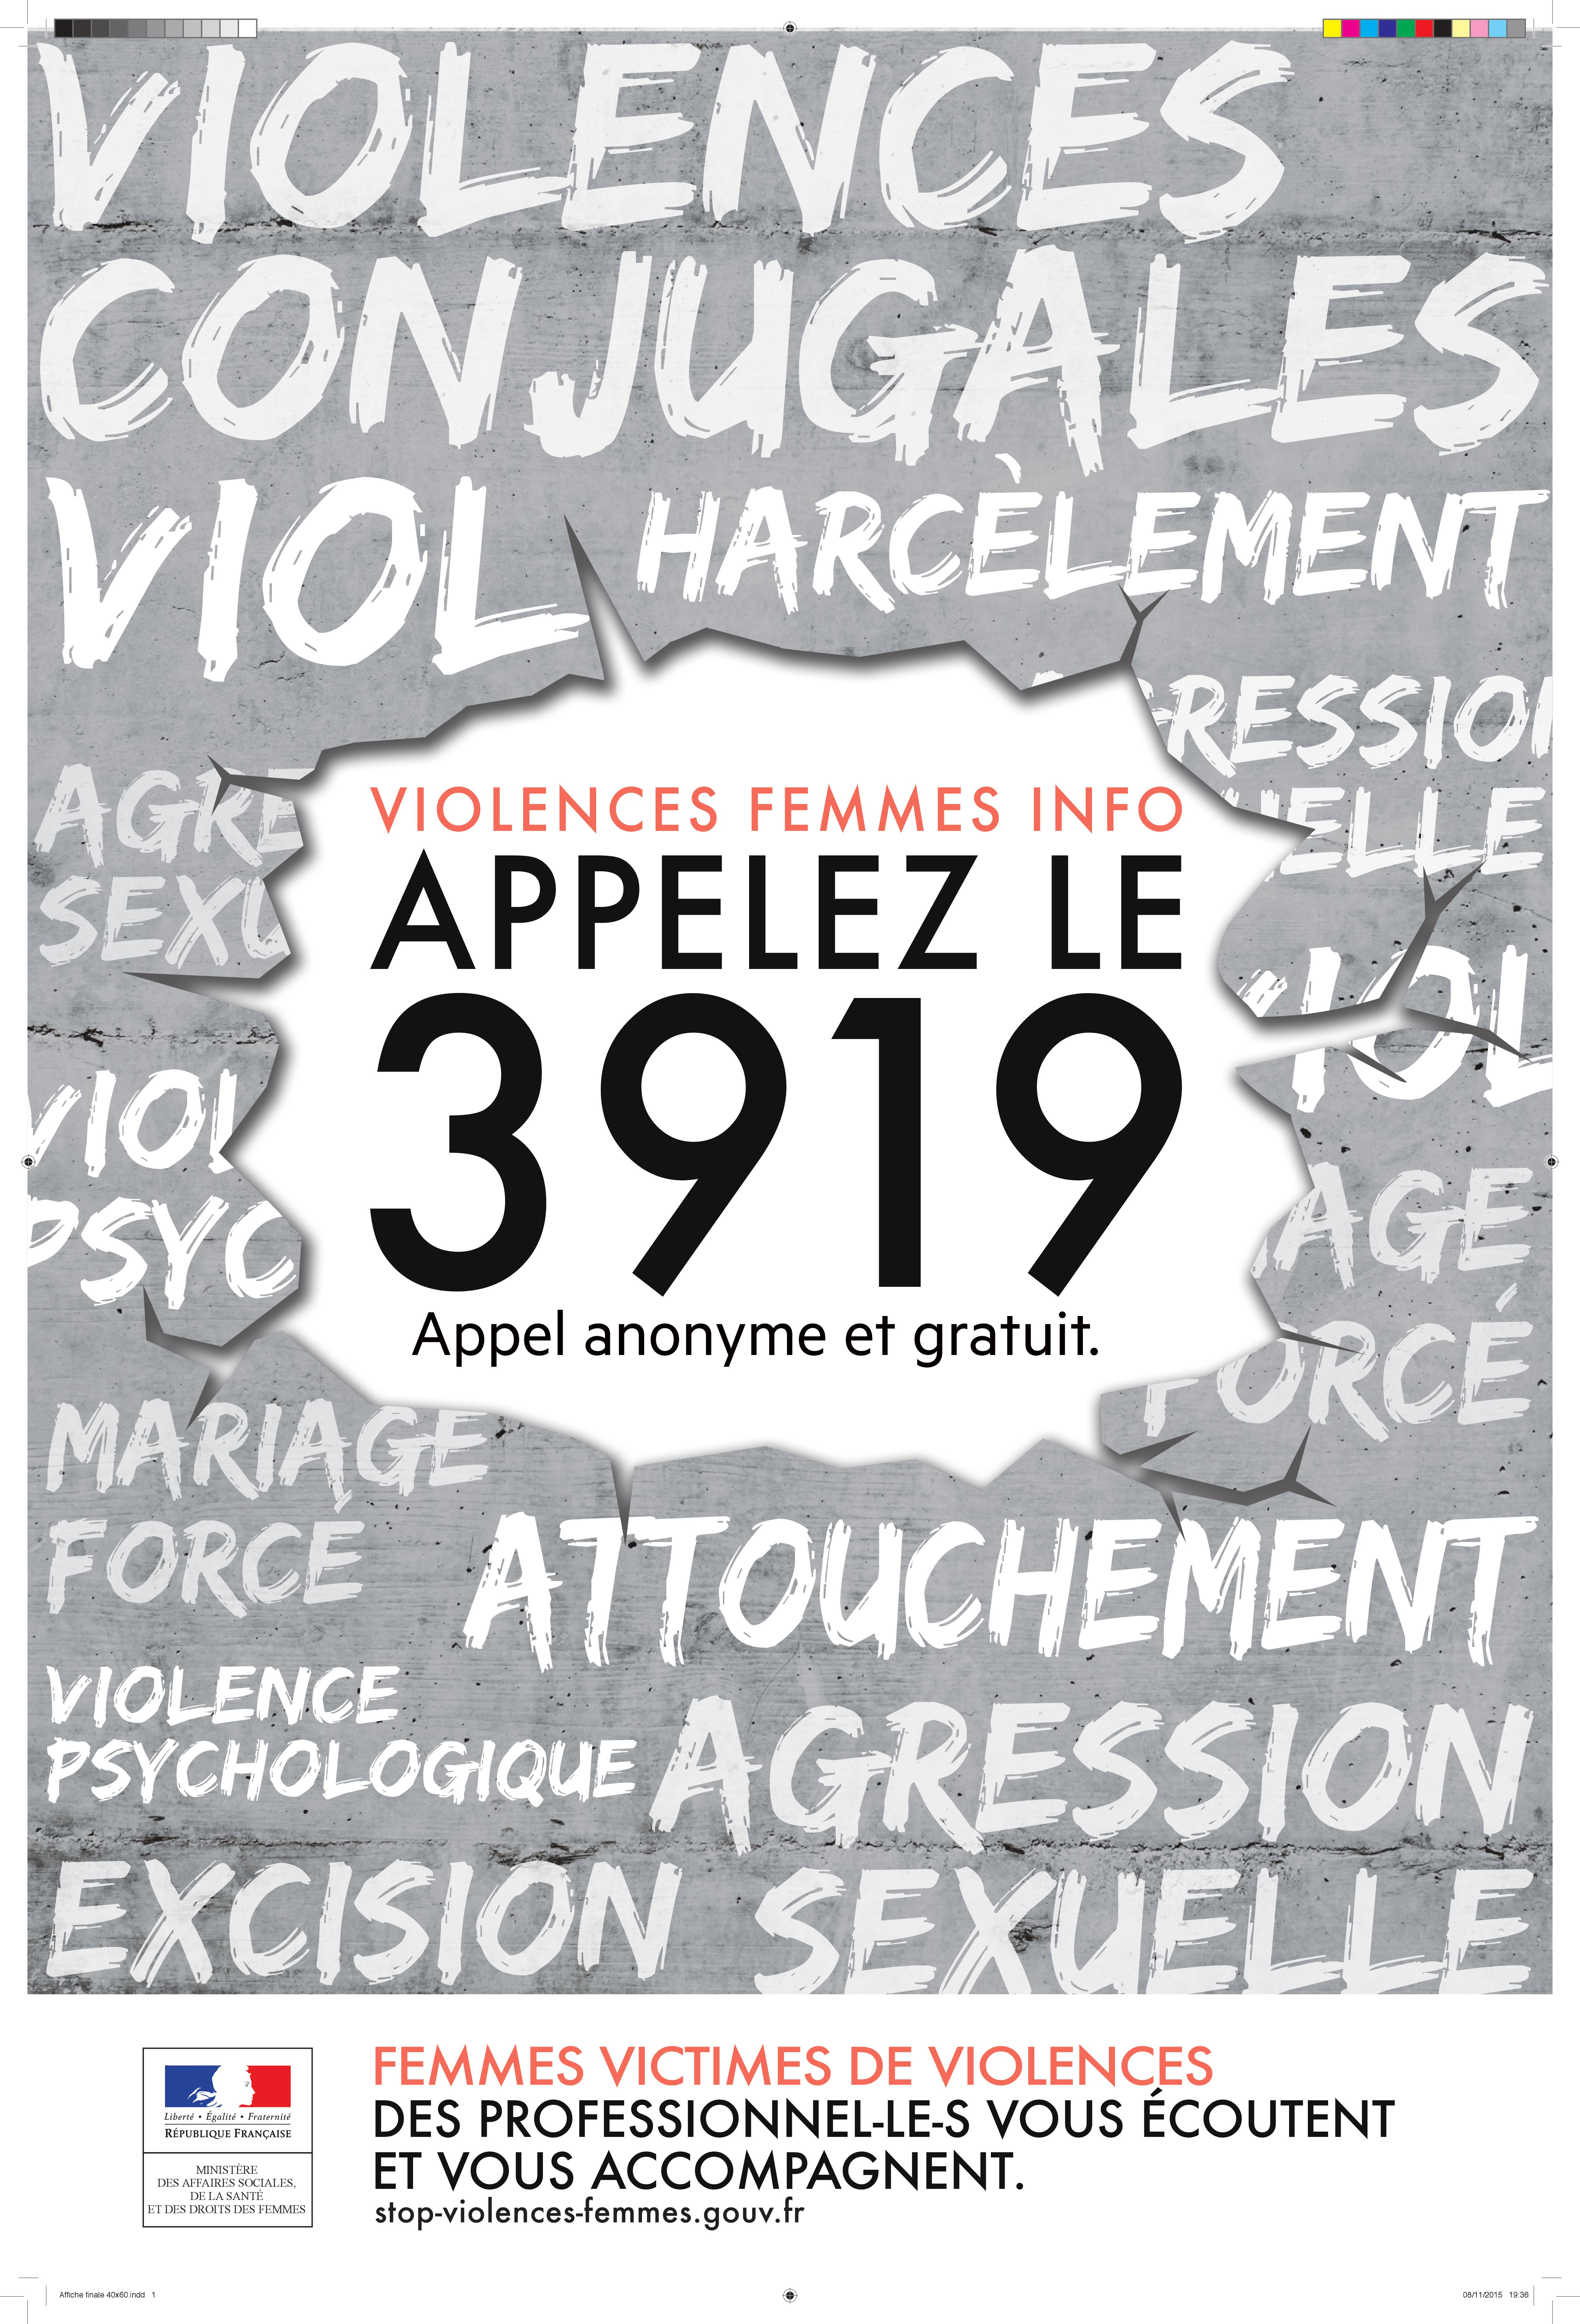 Violences conjugales: les femmes de gendarmes et de policiers luttent pour être protégées